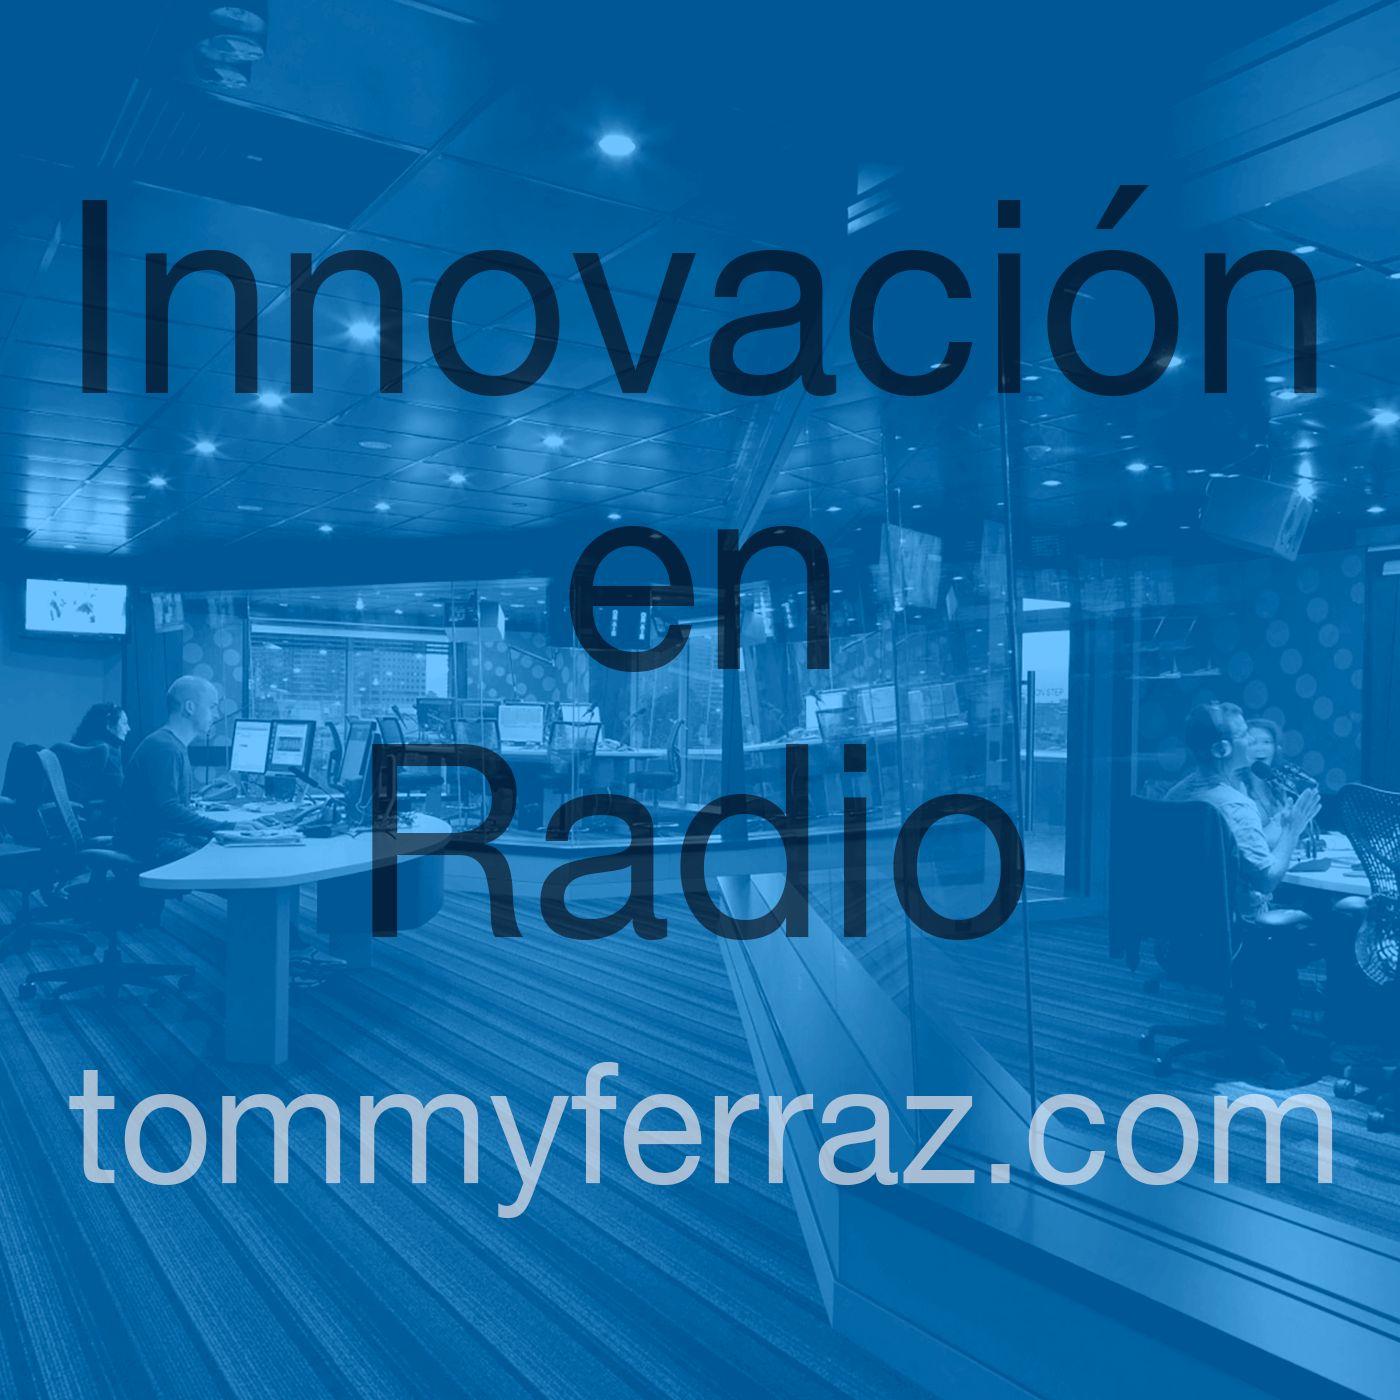 Innovación en Radio - Tommy Ferraz